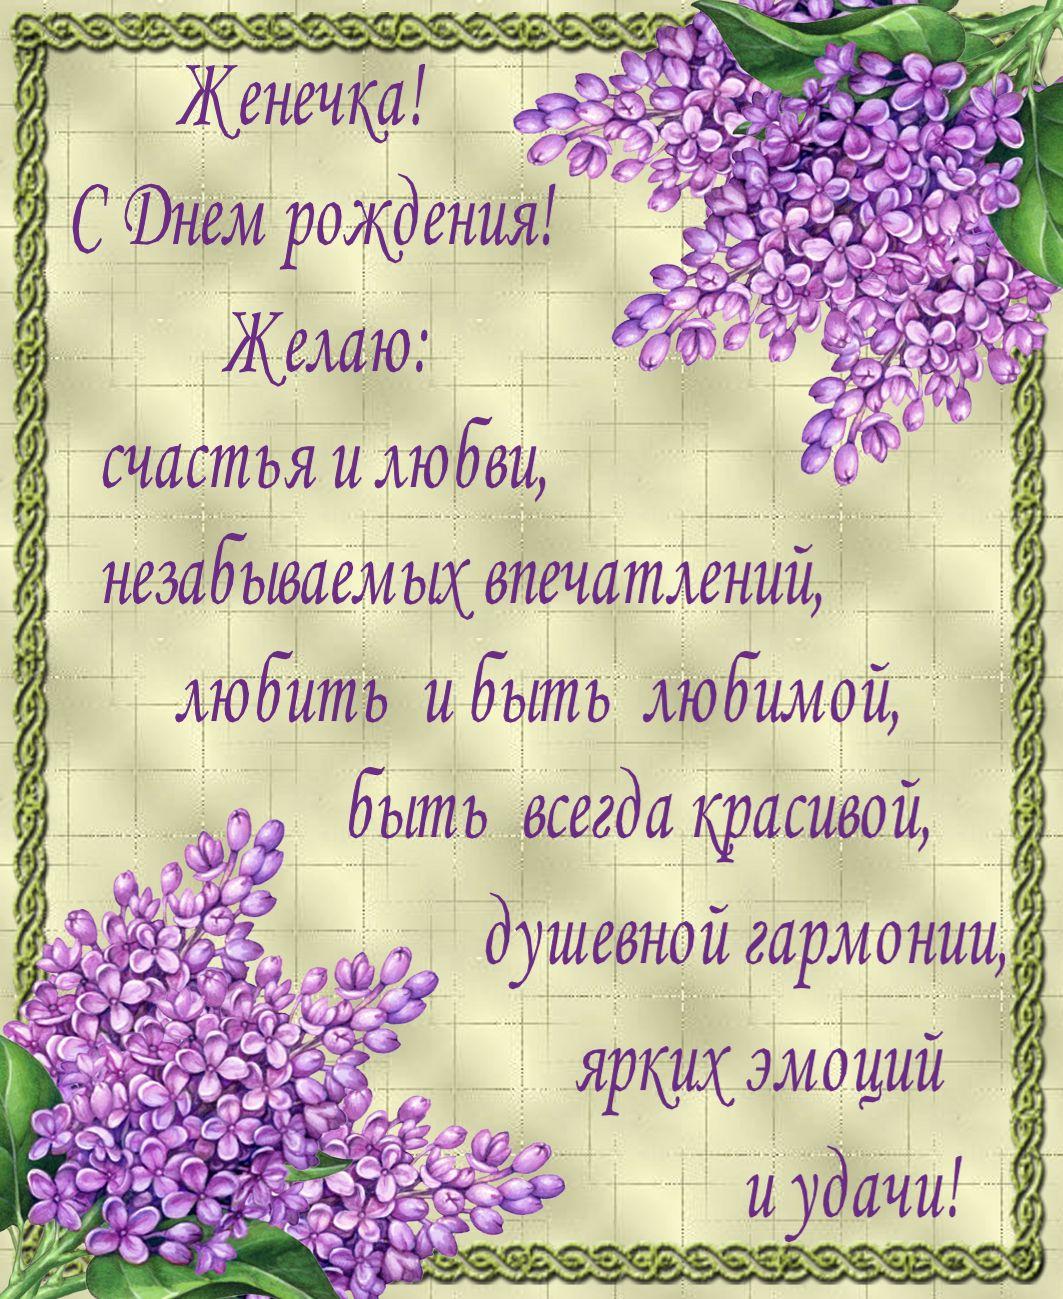 Красивая открытка Женечке с сиренью